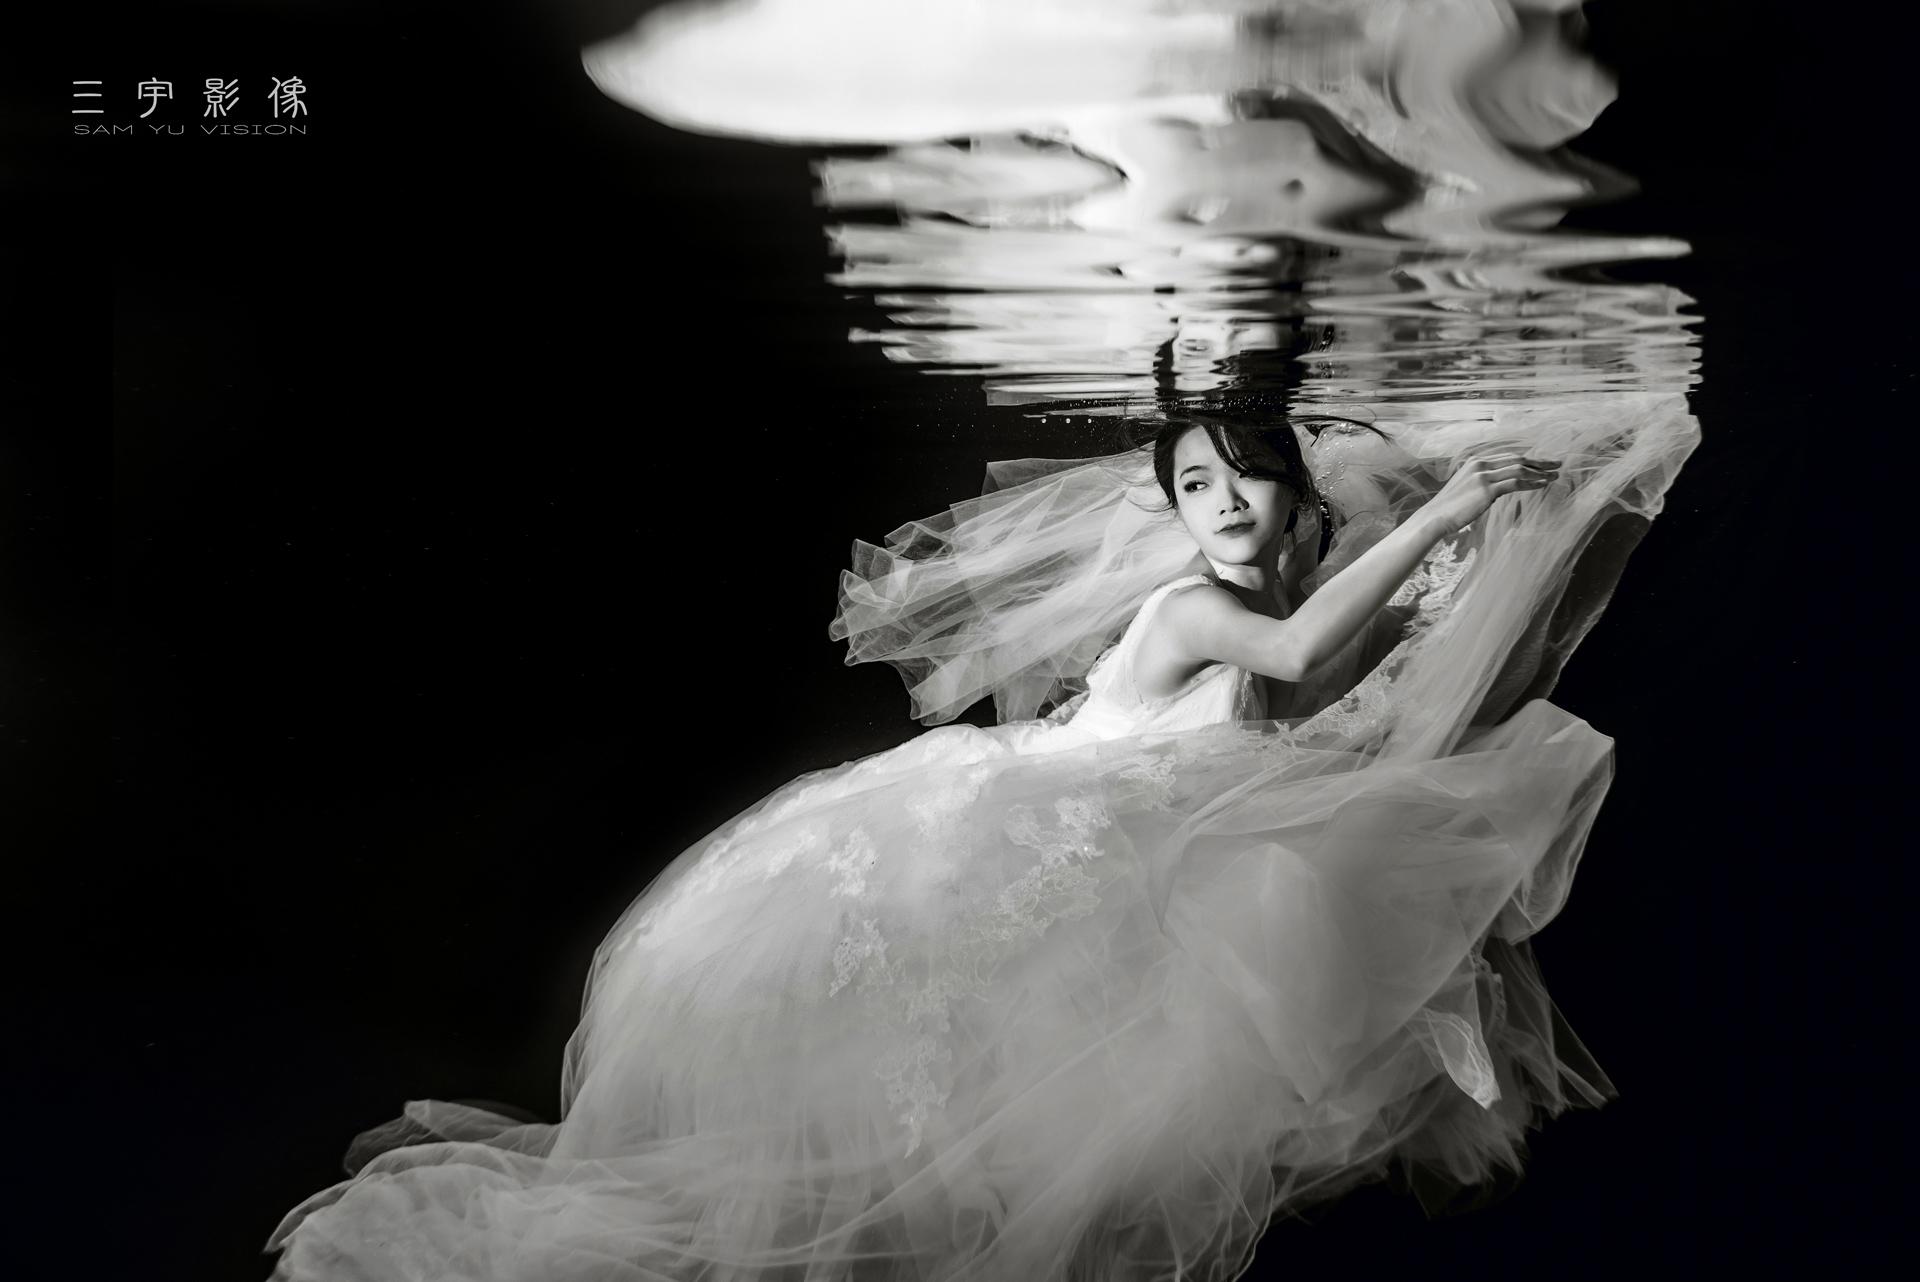 三宇影像,阿三,風雲20,WPPI,水中婚紗,自主婚紗,自助,新秘,婚攝,禮服,水下,潛水,游泳池,